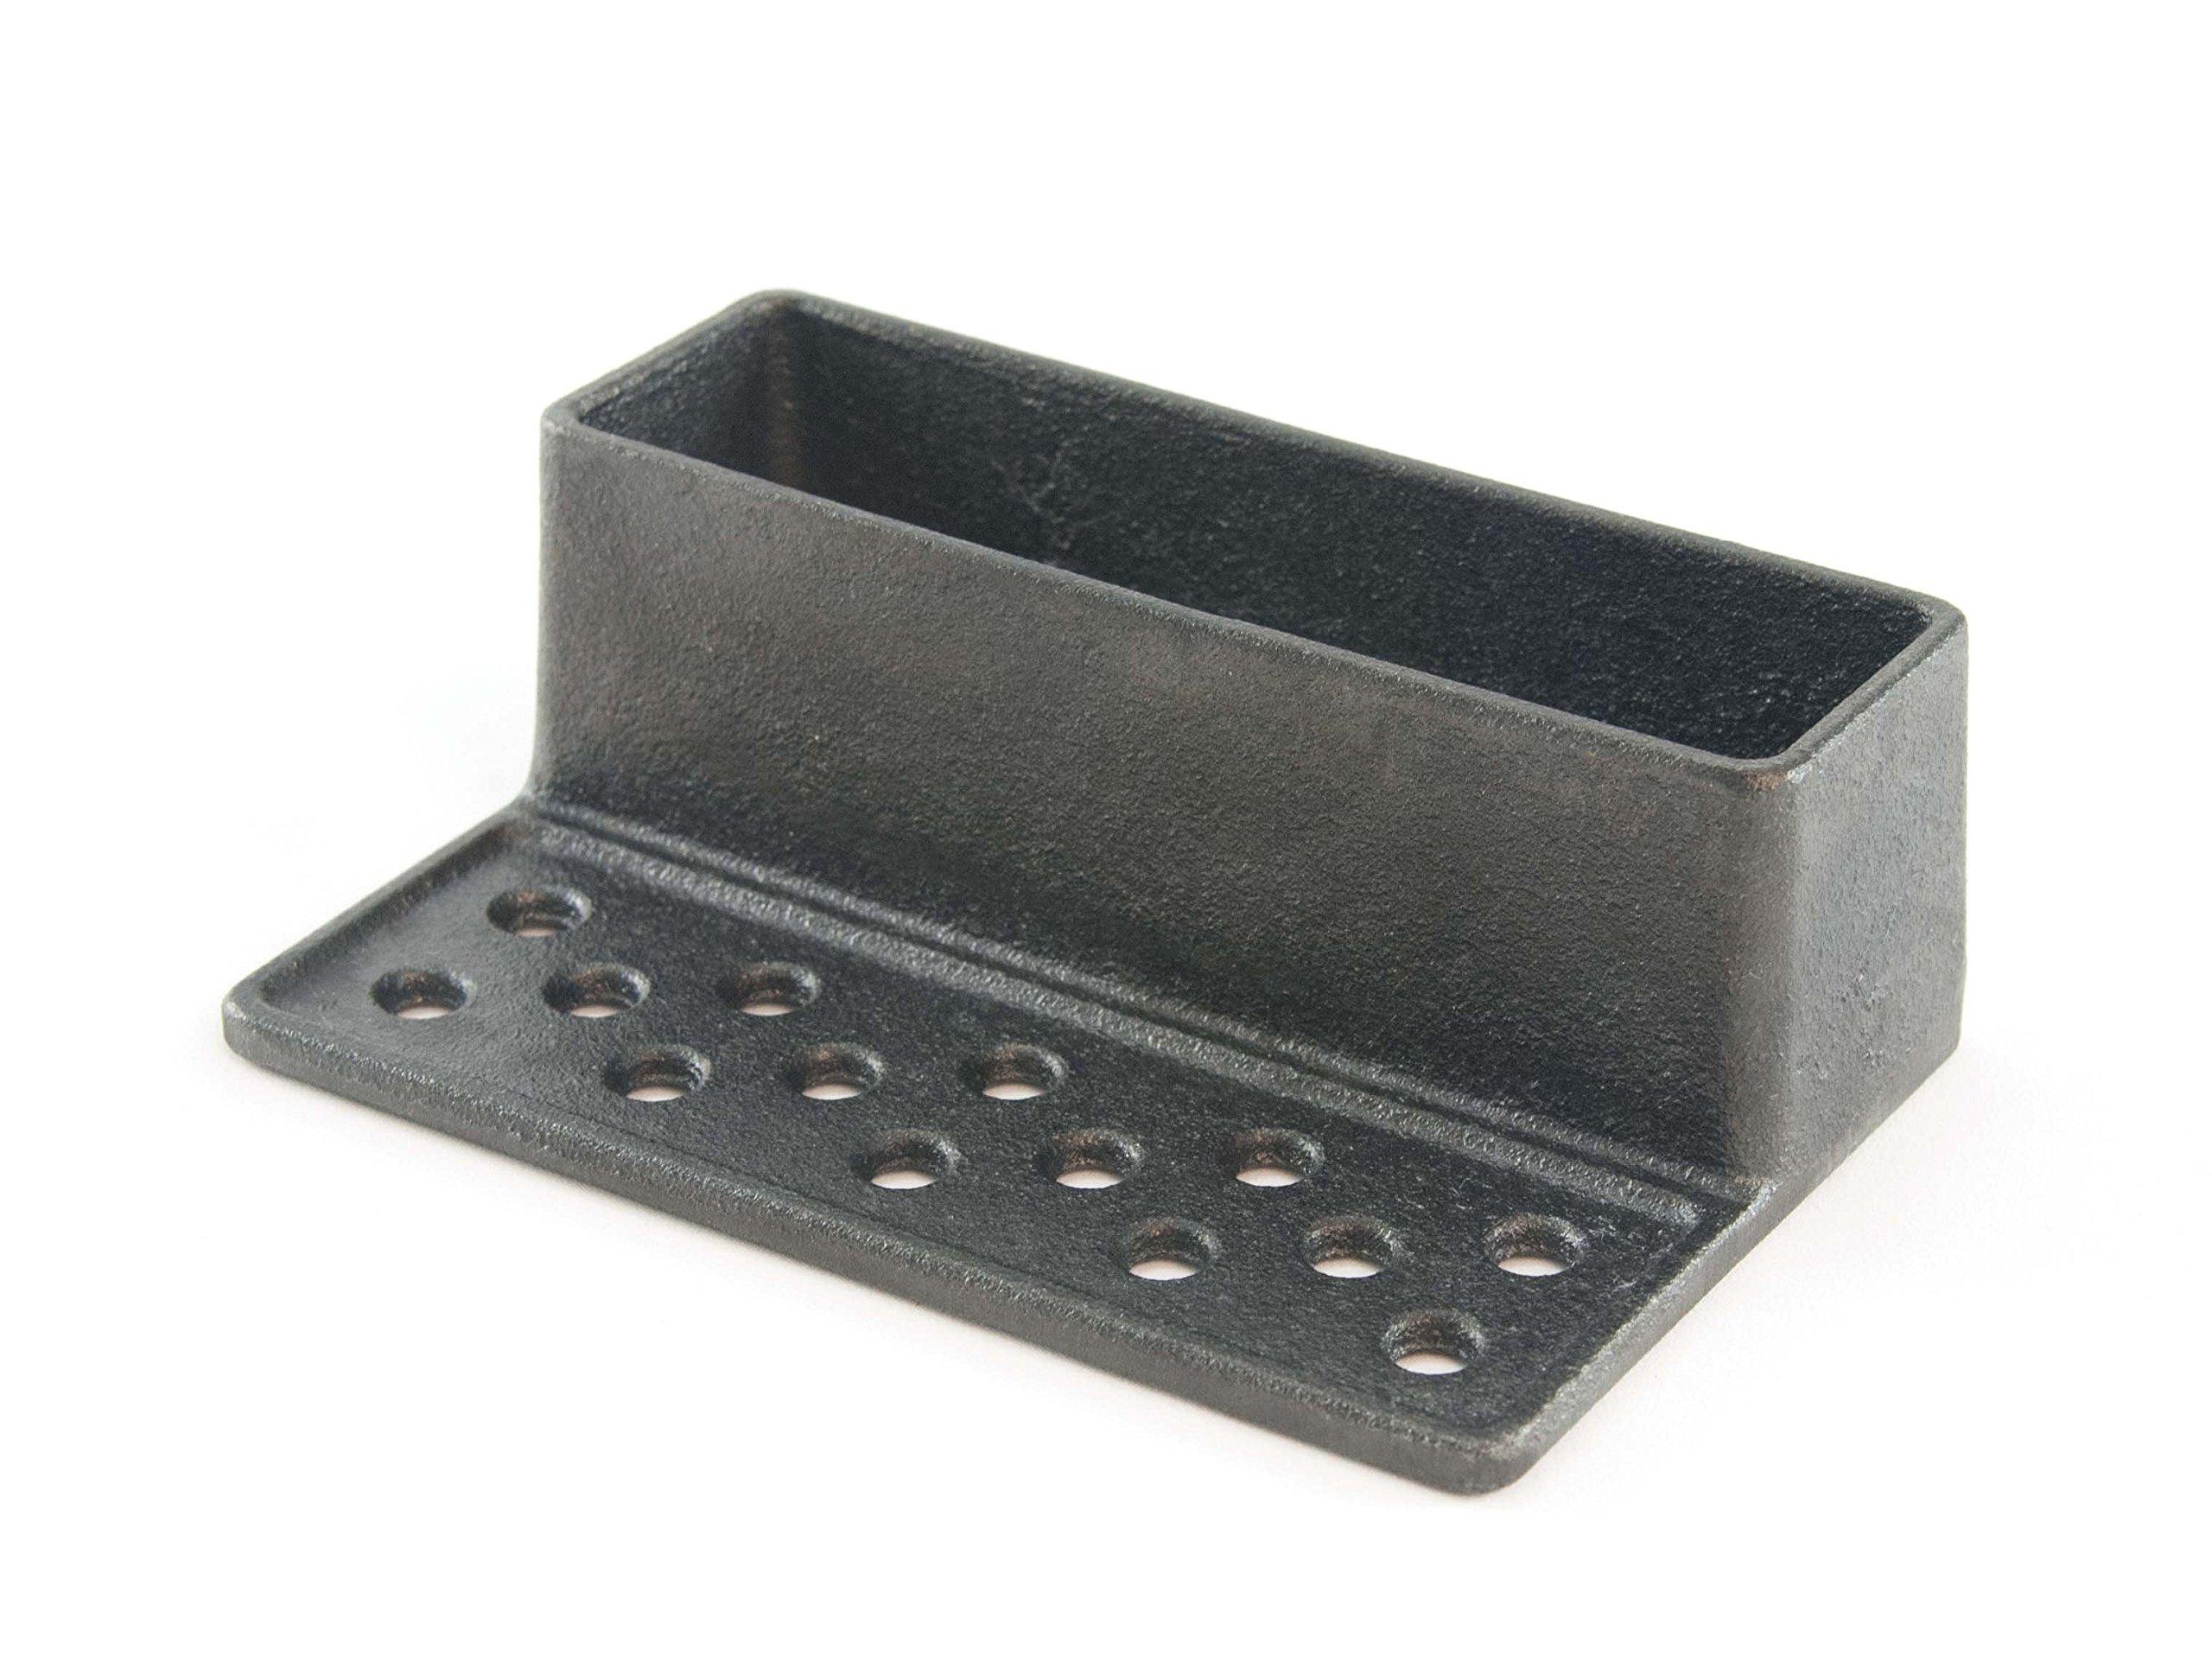 Charcoal Companion CC4107 Cast Iron Smoker/Humidifier